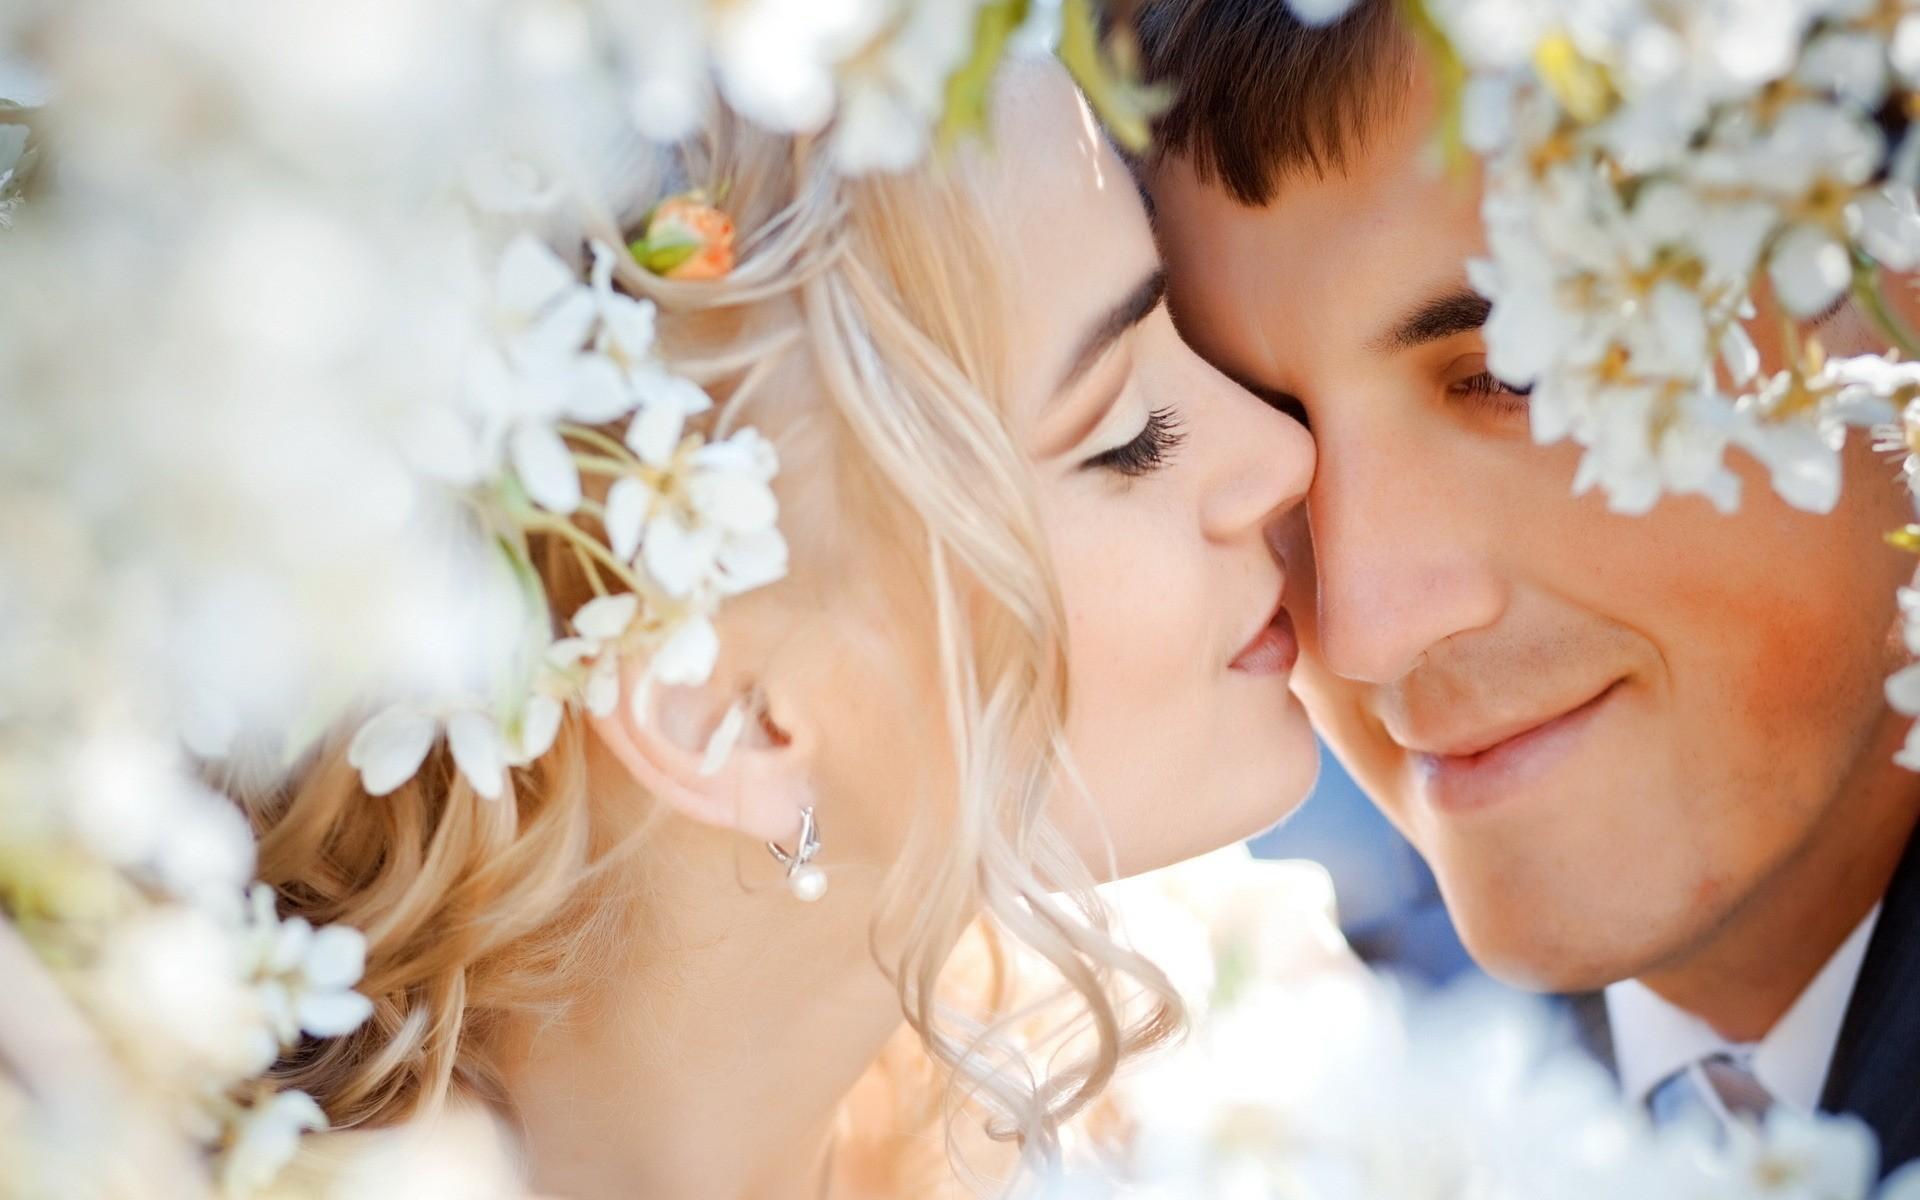 Месяцами, картинки для жены о любви